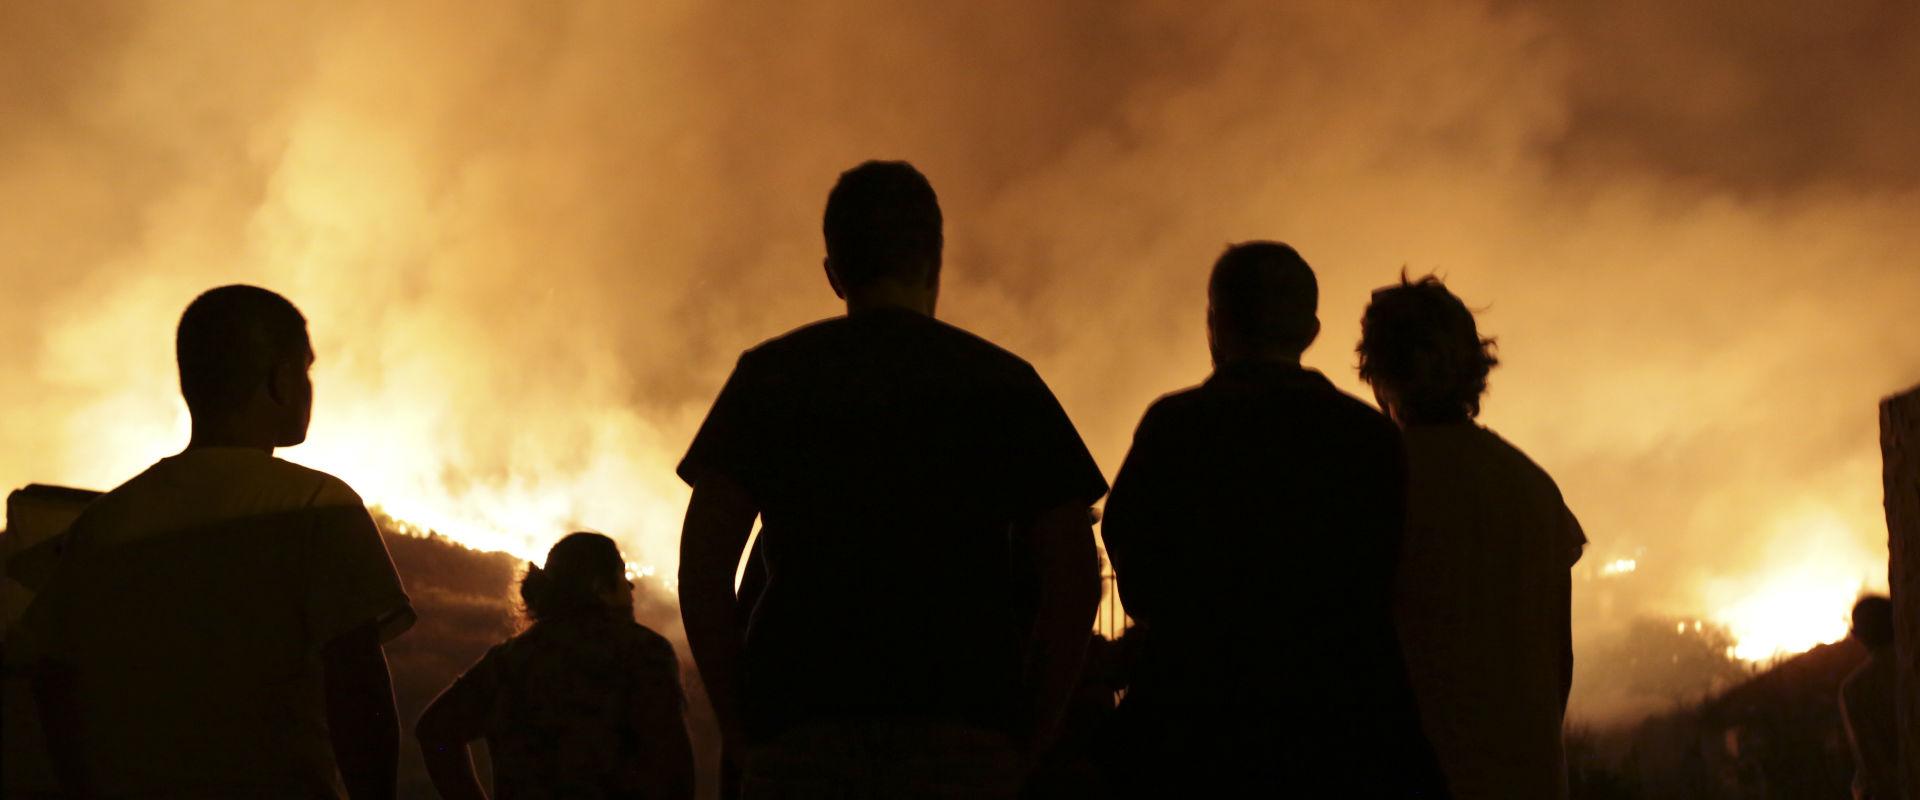 שריפה בפורטוגל, לפנות בוקר